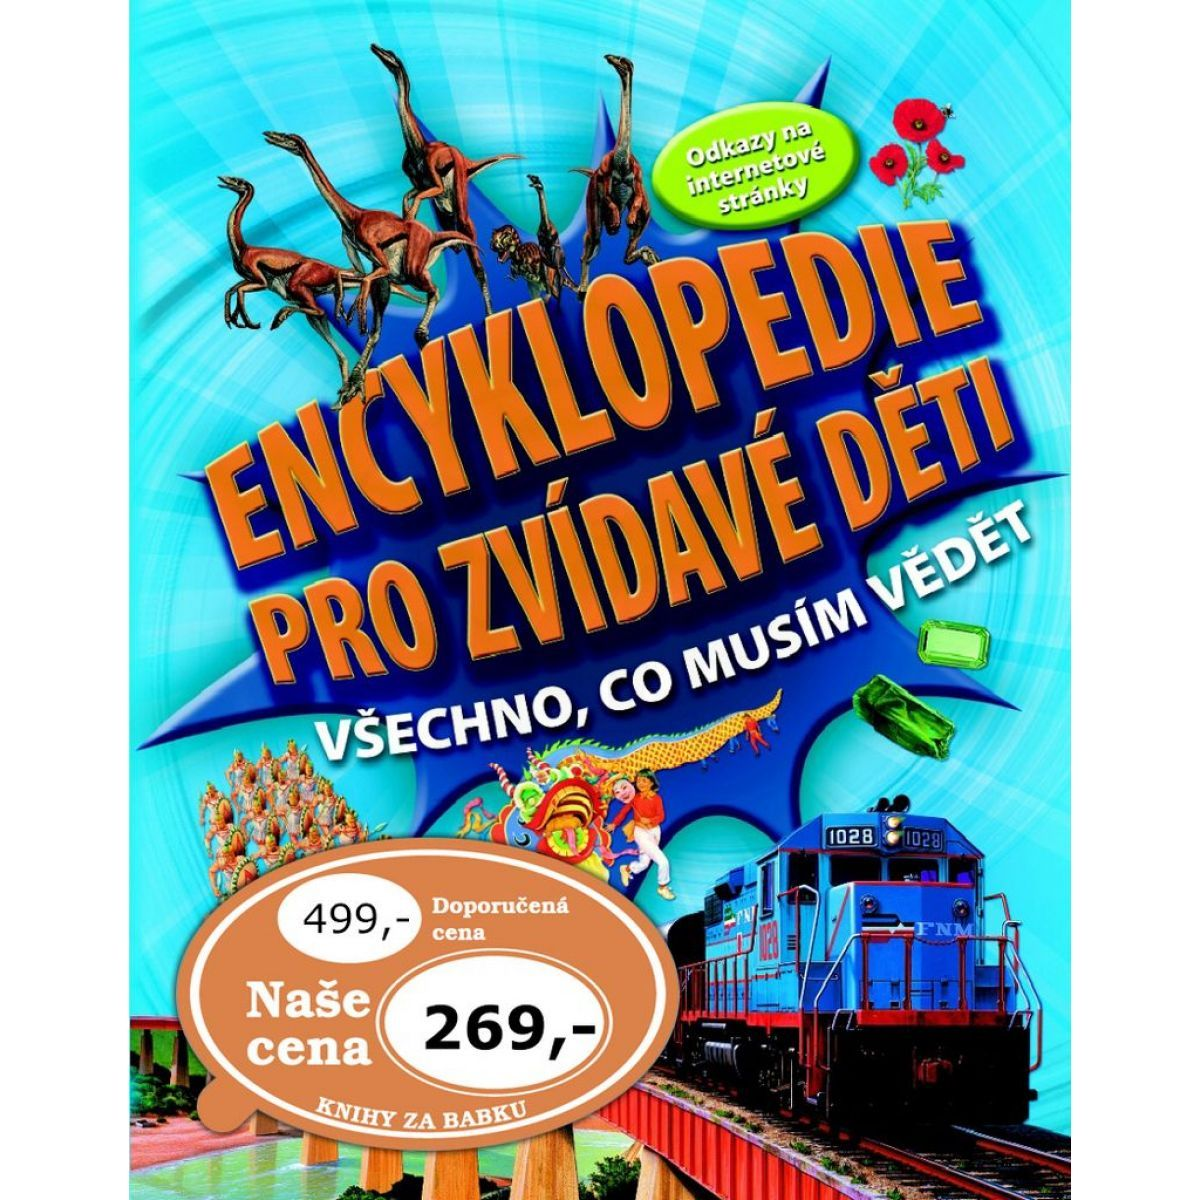 Svojtka Encyklopedie pro zvídavé děti